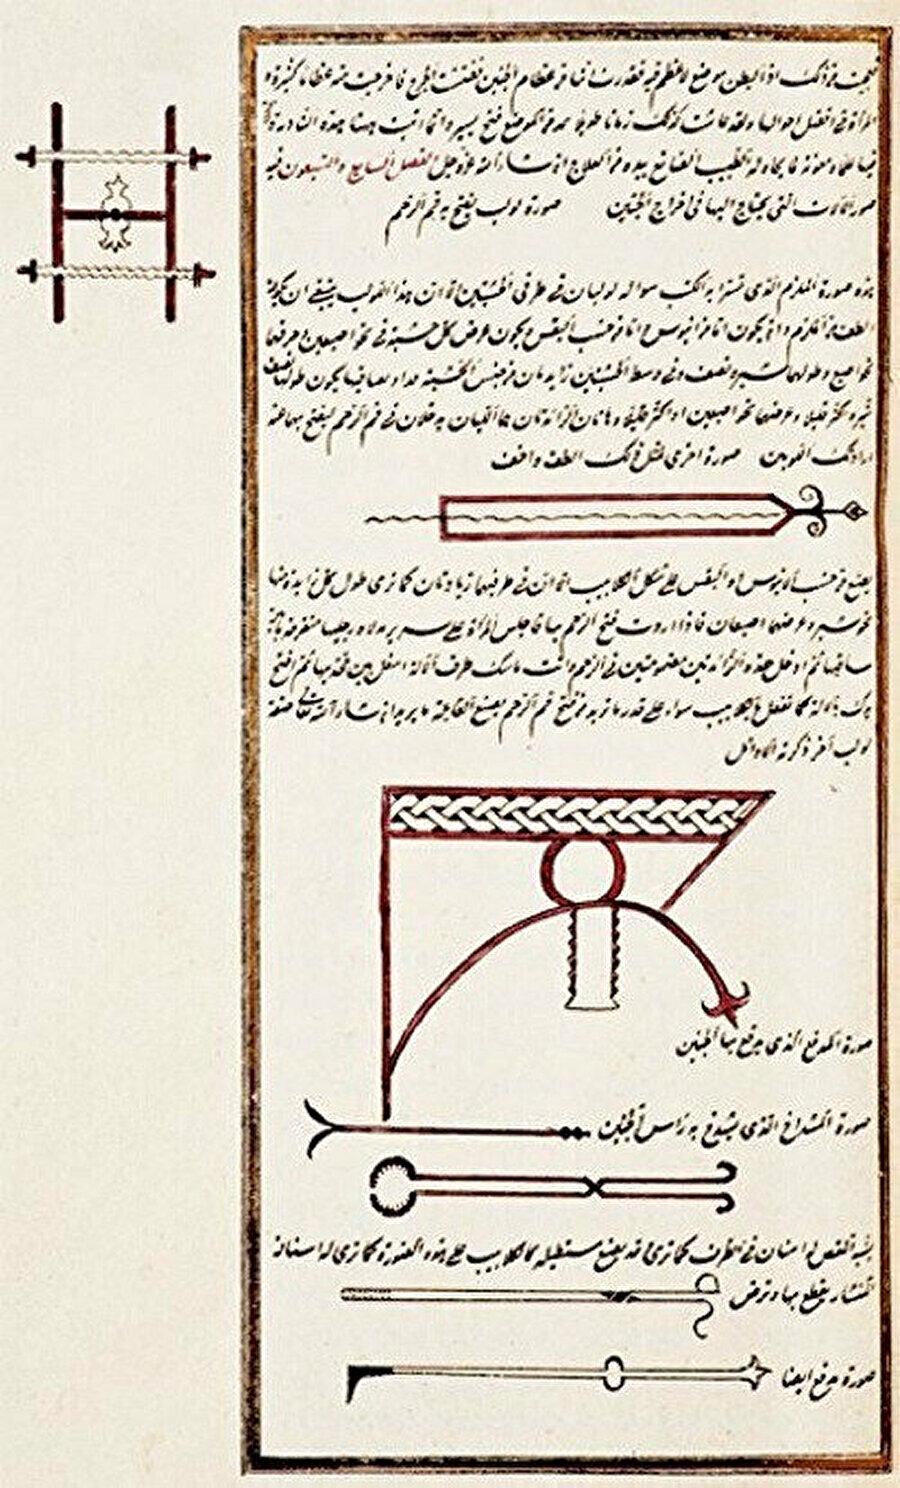 Endülüs'te tıp ve kimya alanında yetişmiş âlimlerden Zehrâvî'nin et-Taṣrîf adlı eserinden bir sayfa.